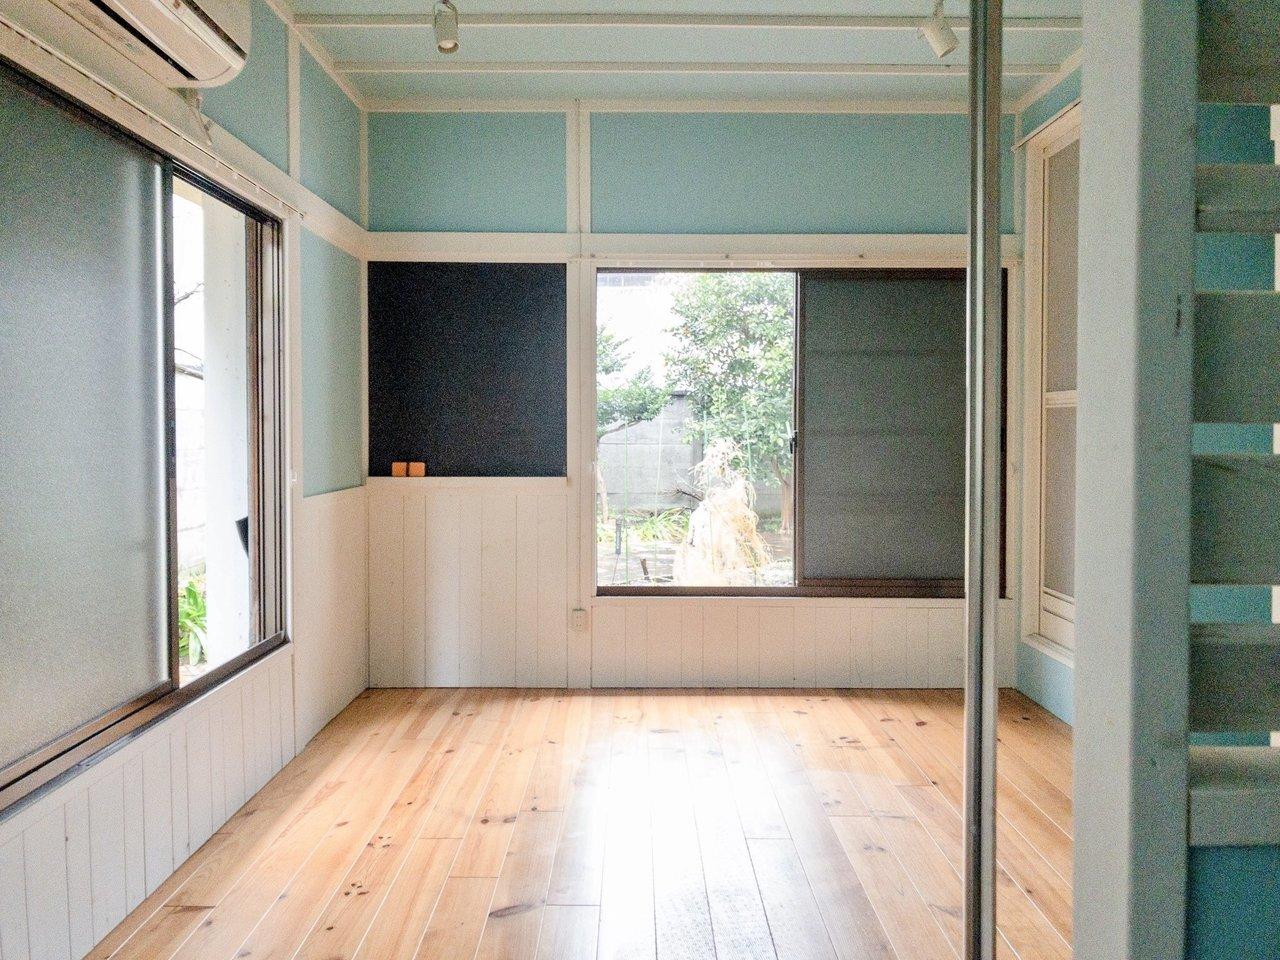 お部屋のなかは明るい色合いの無垢床が使われています。広さは6畳。水色の壁が、住む人を明るい気持ちにしてくれそうなお部屋です。